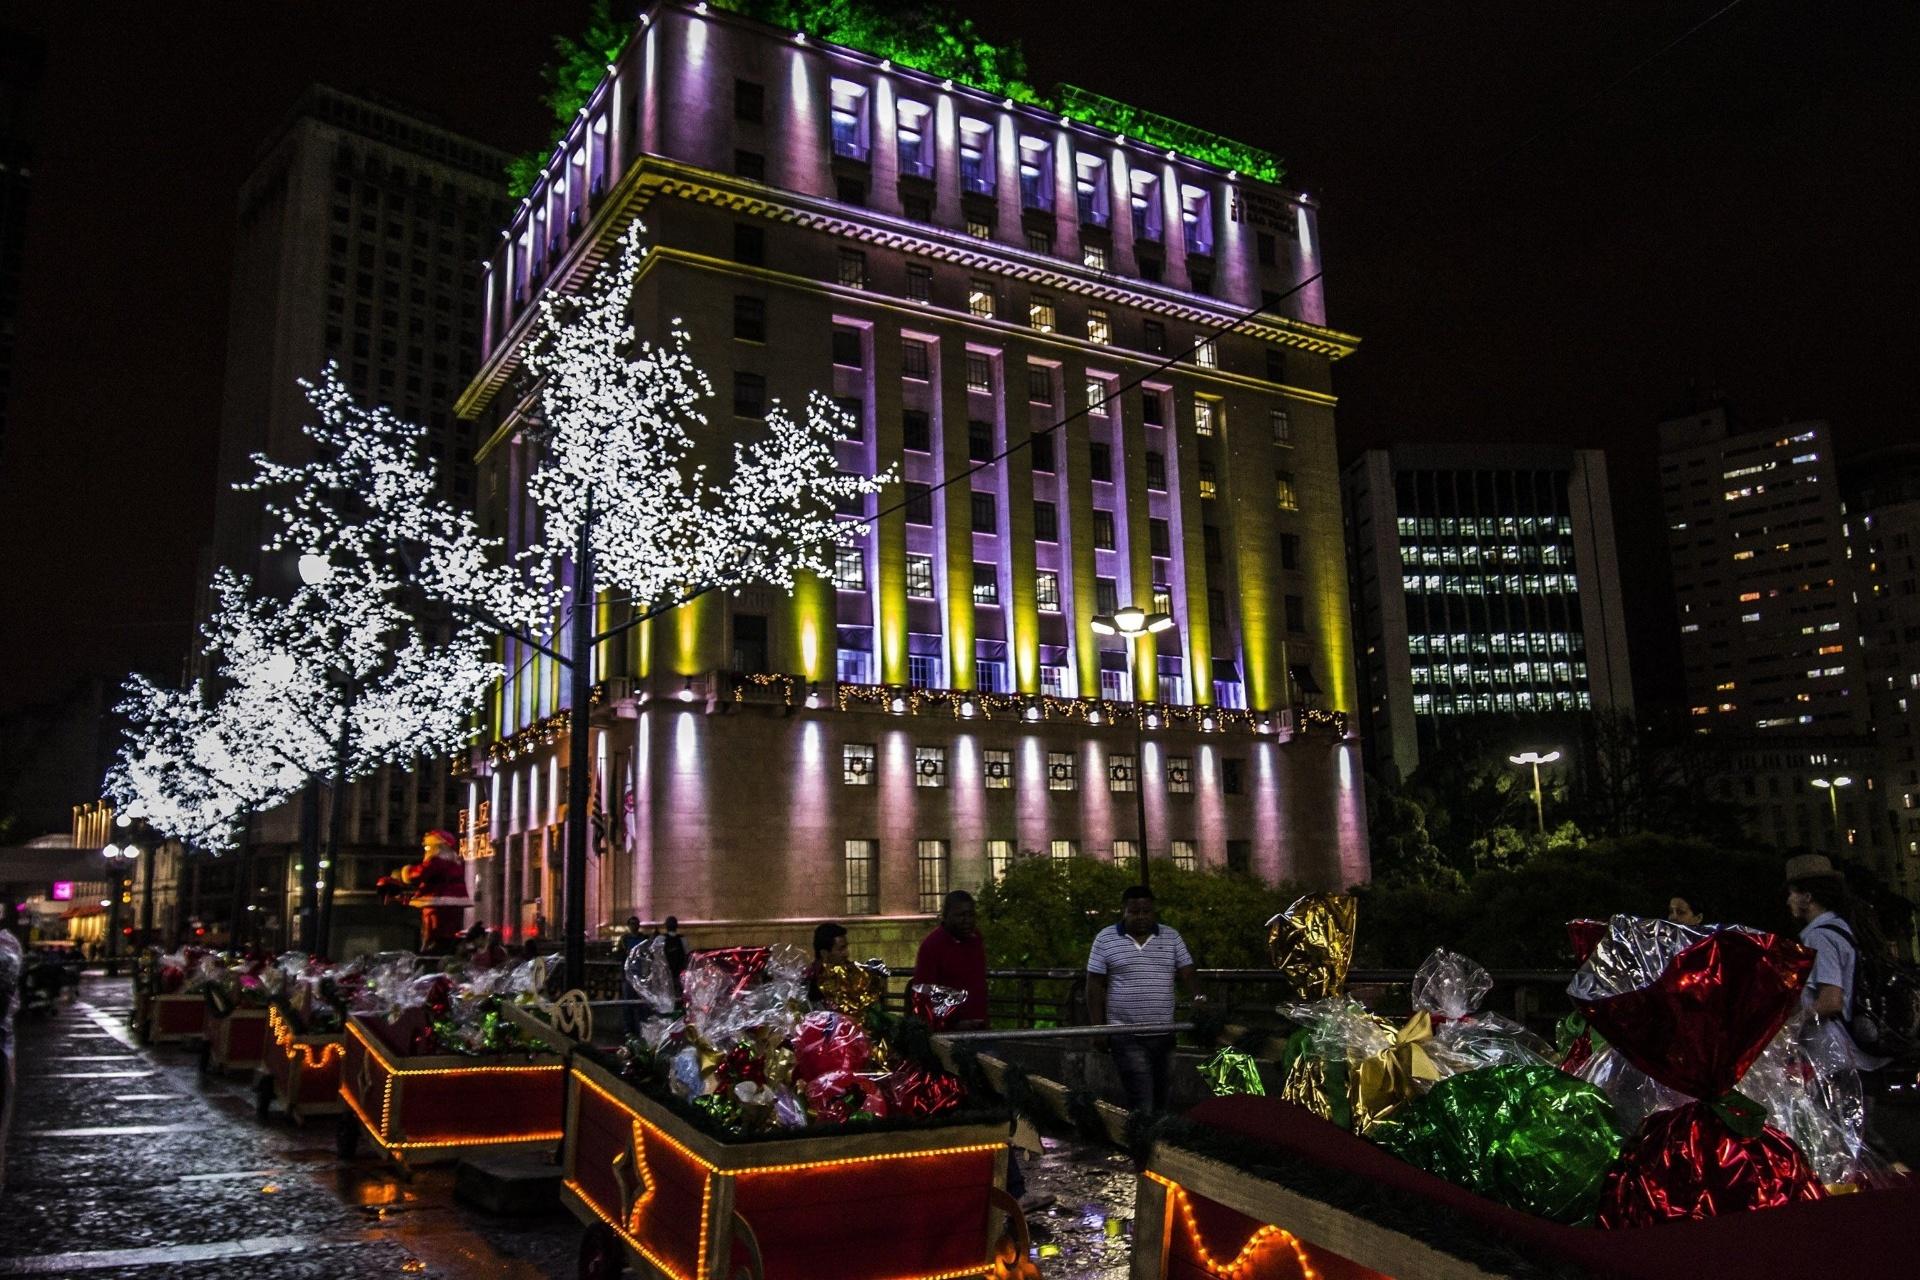 13.dez.2014 - A Prefeitura de São Paulo, no viaduto do Chá, recebe iluminação especial para o Natal